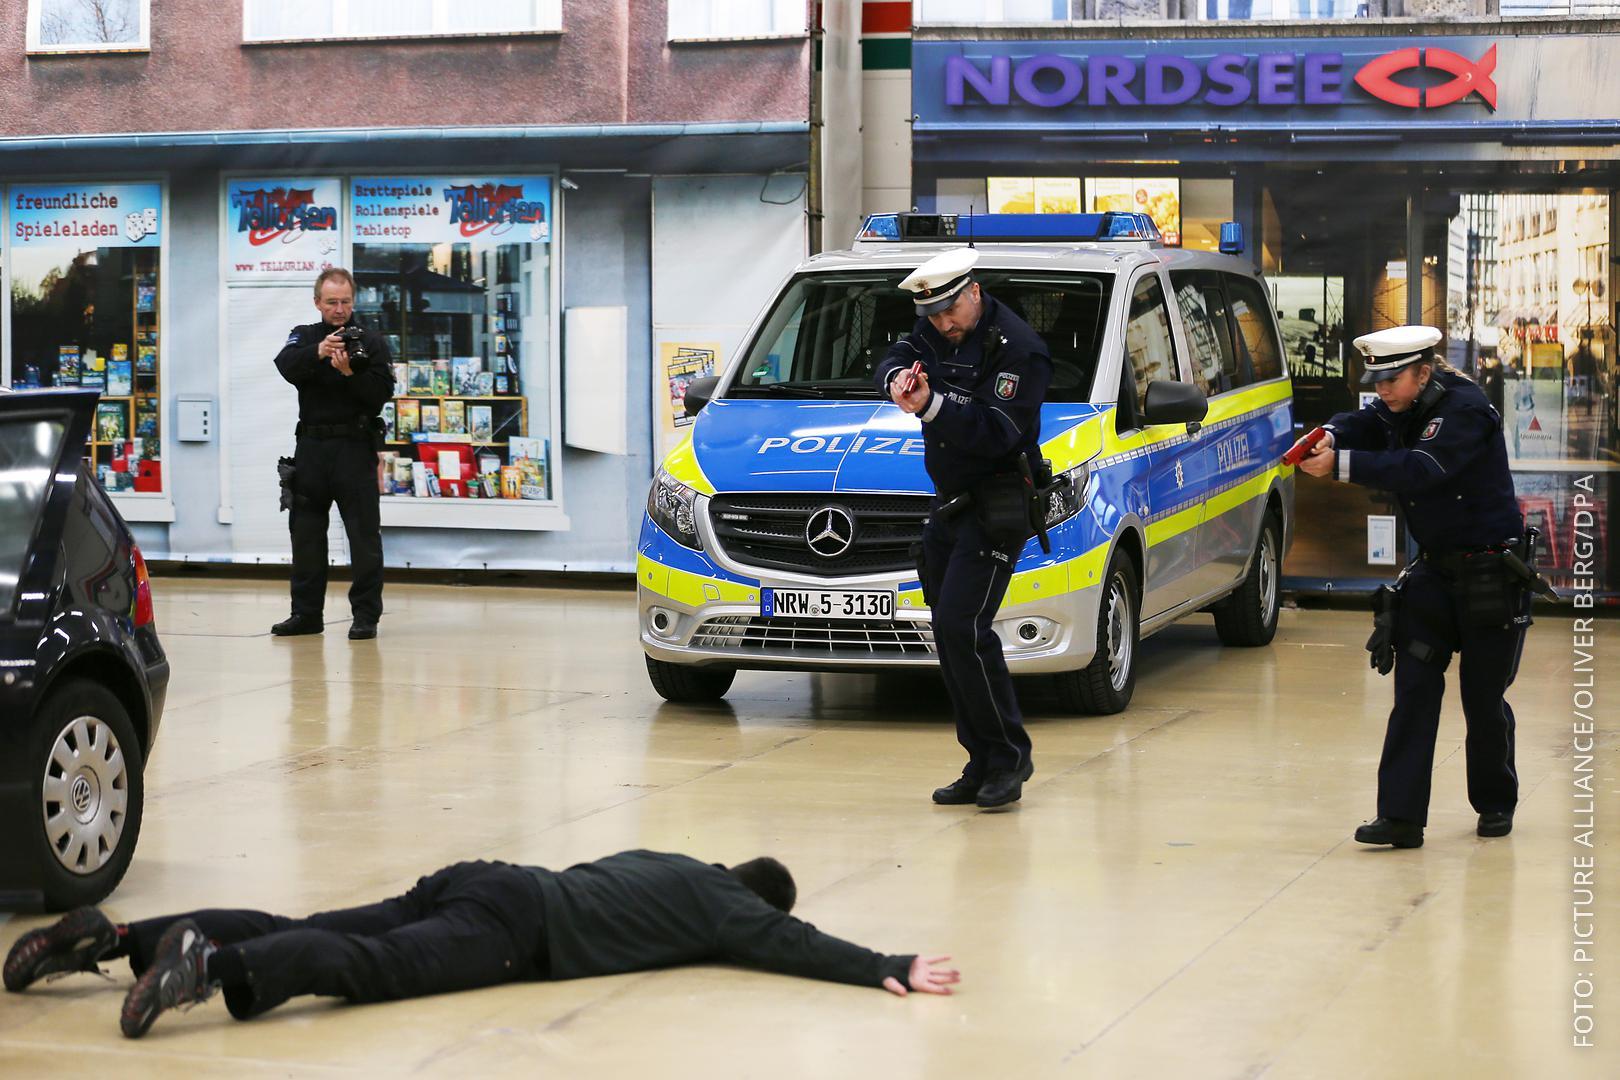 Trainingsstätte der Polizei in Bochumer Baumarkt, Polizei übt Ernstfall